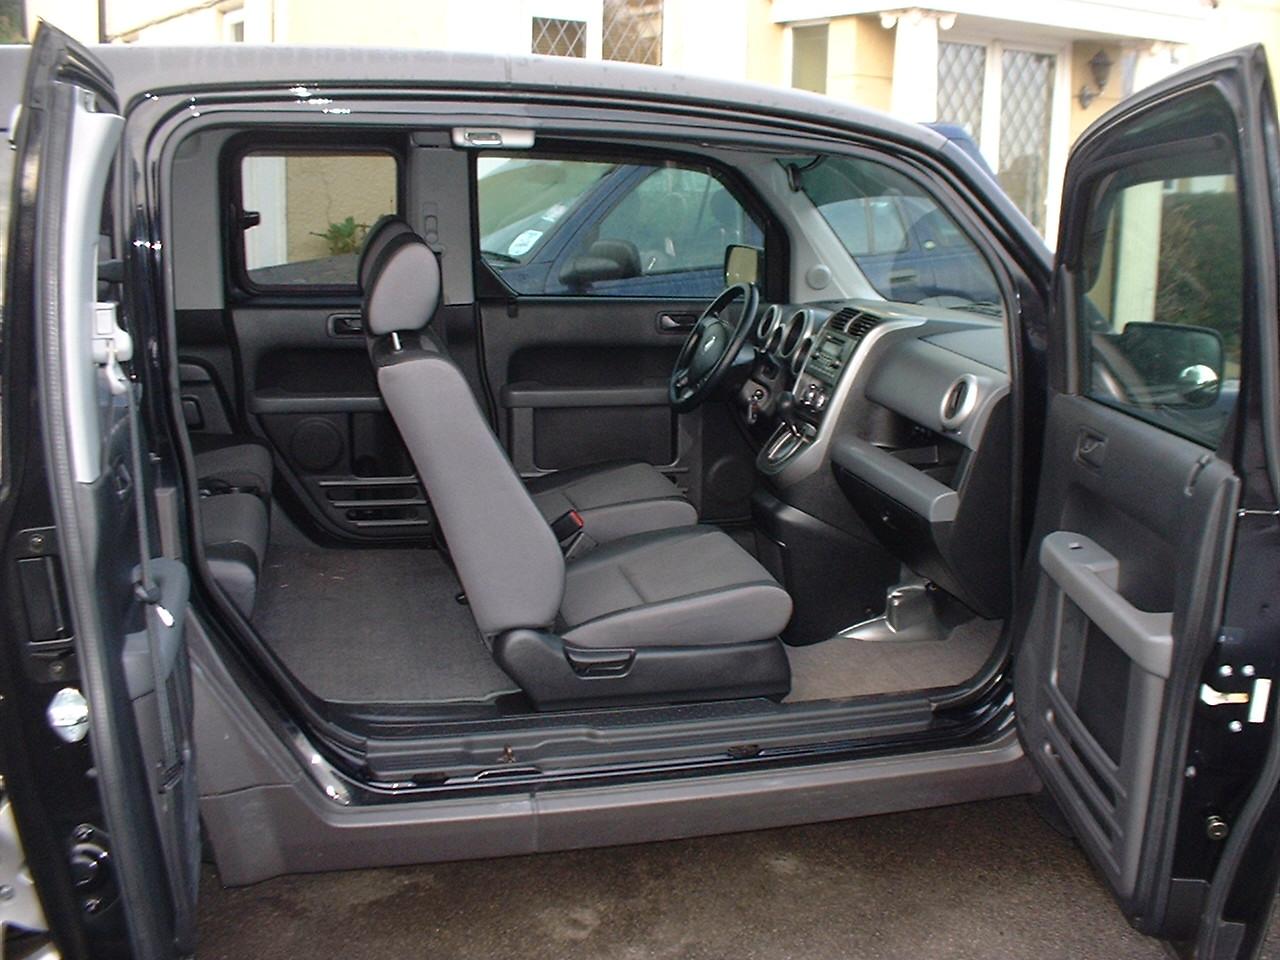 2003 Honda Element Interior Pictures Cargurus